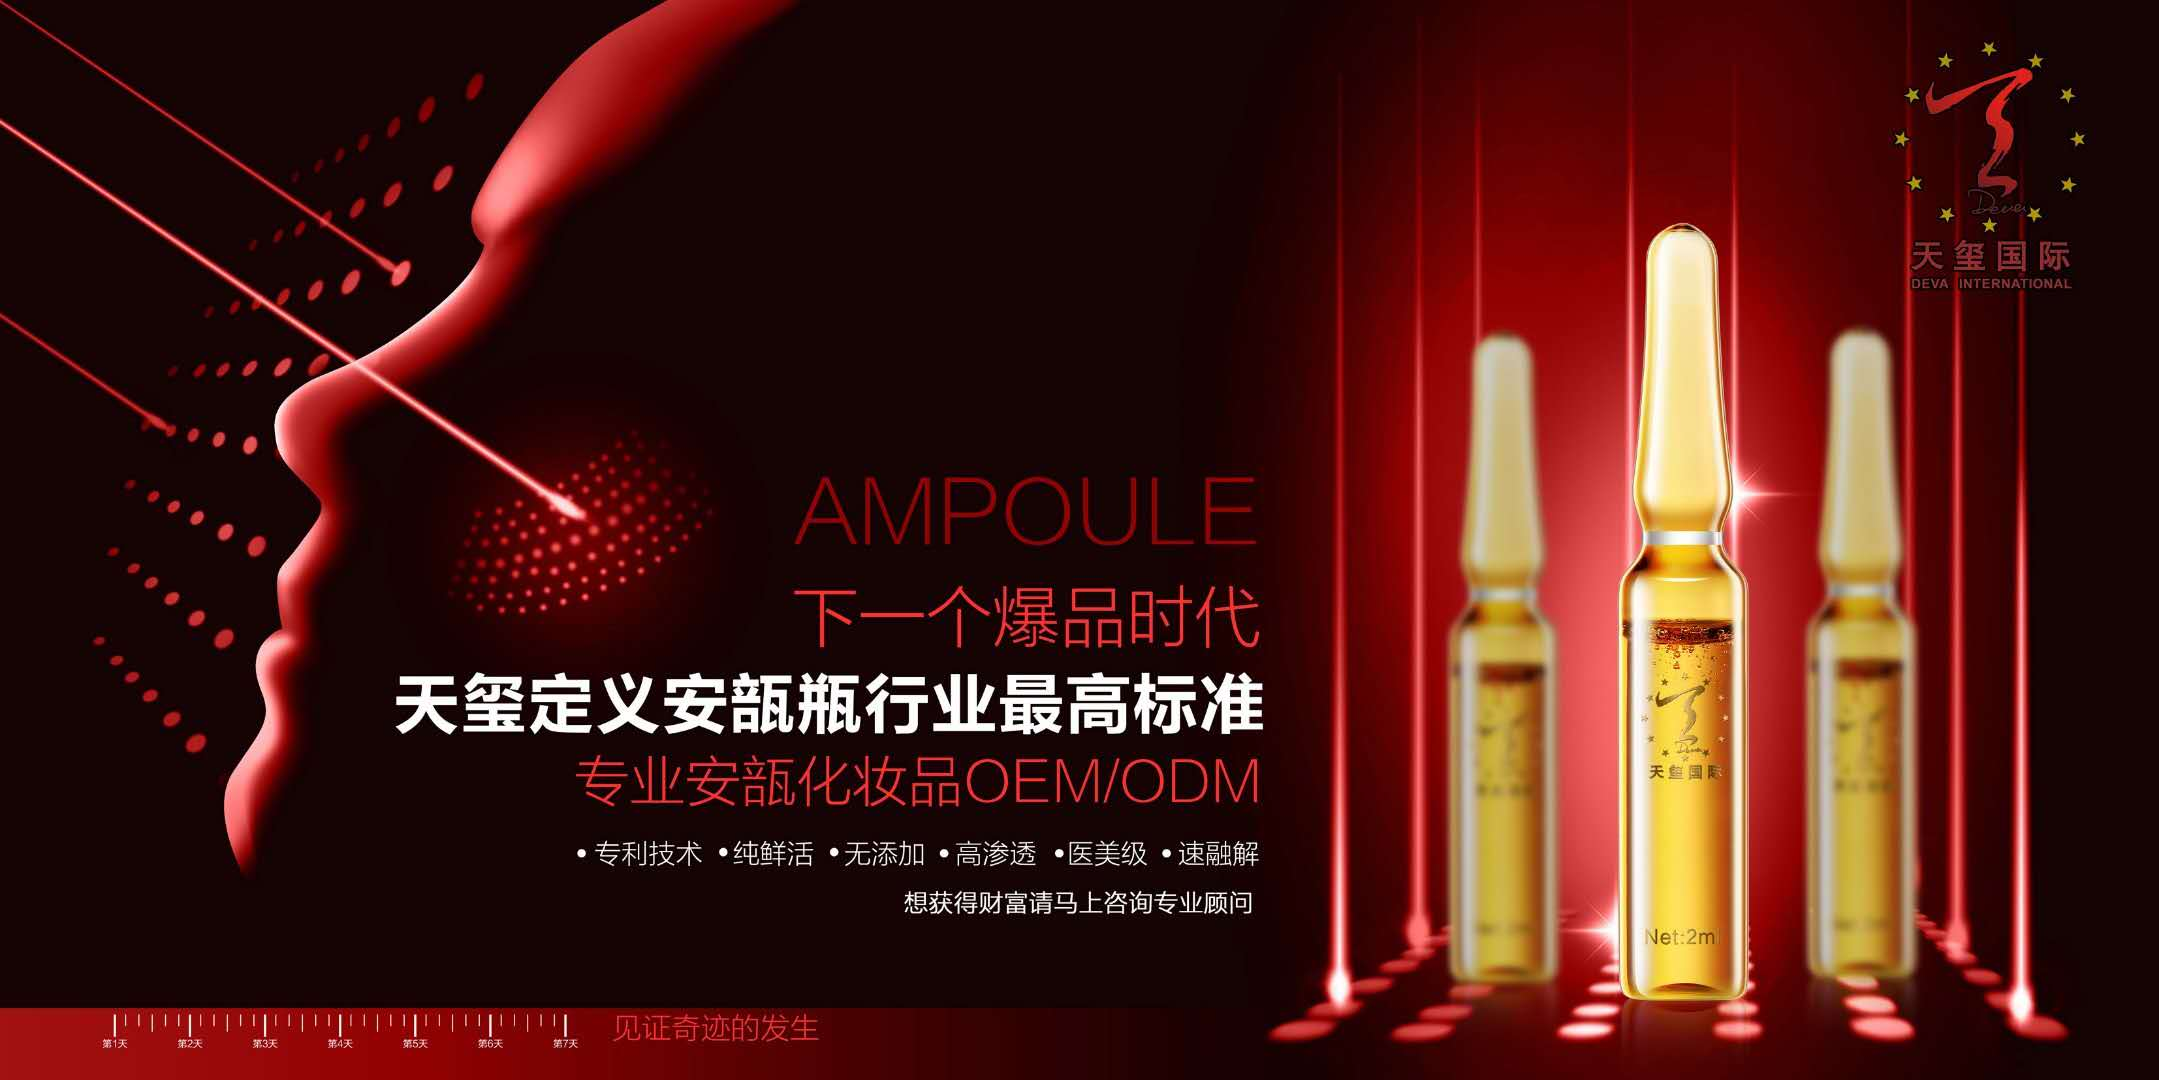 天玺化妆品贴牌加工厂家 安瓿瓶祛痘精华加工 广州一站式OEM加工